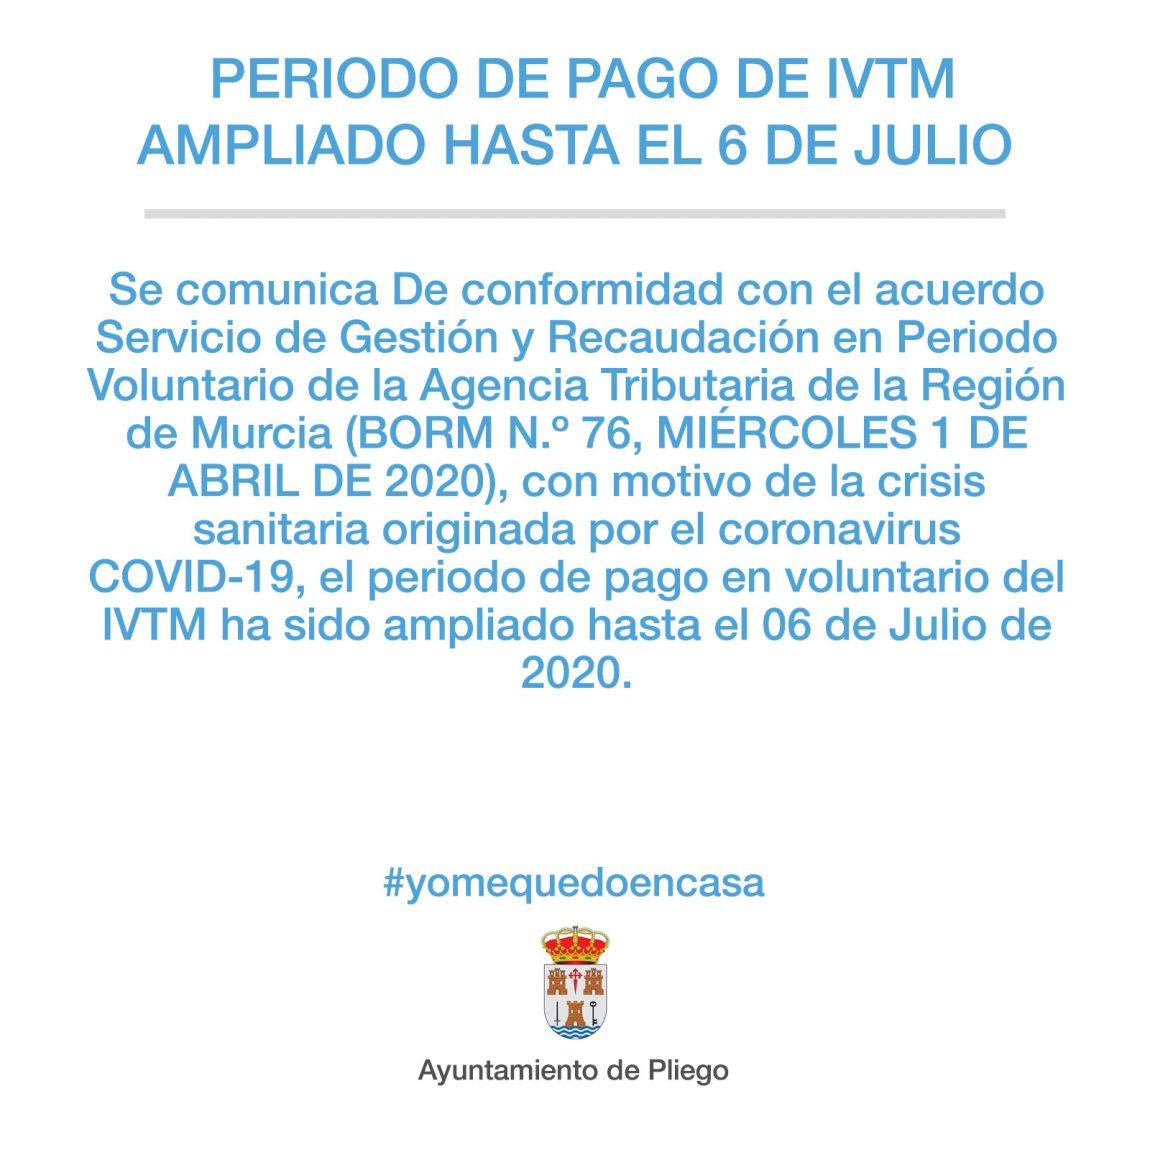 El periodo de pago en voluntario del IVTM ha sido ampliado hasta el 06 de Julio de 2020